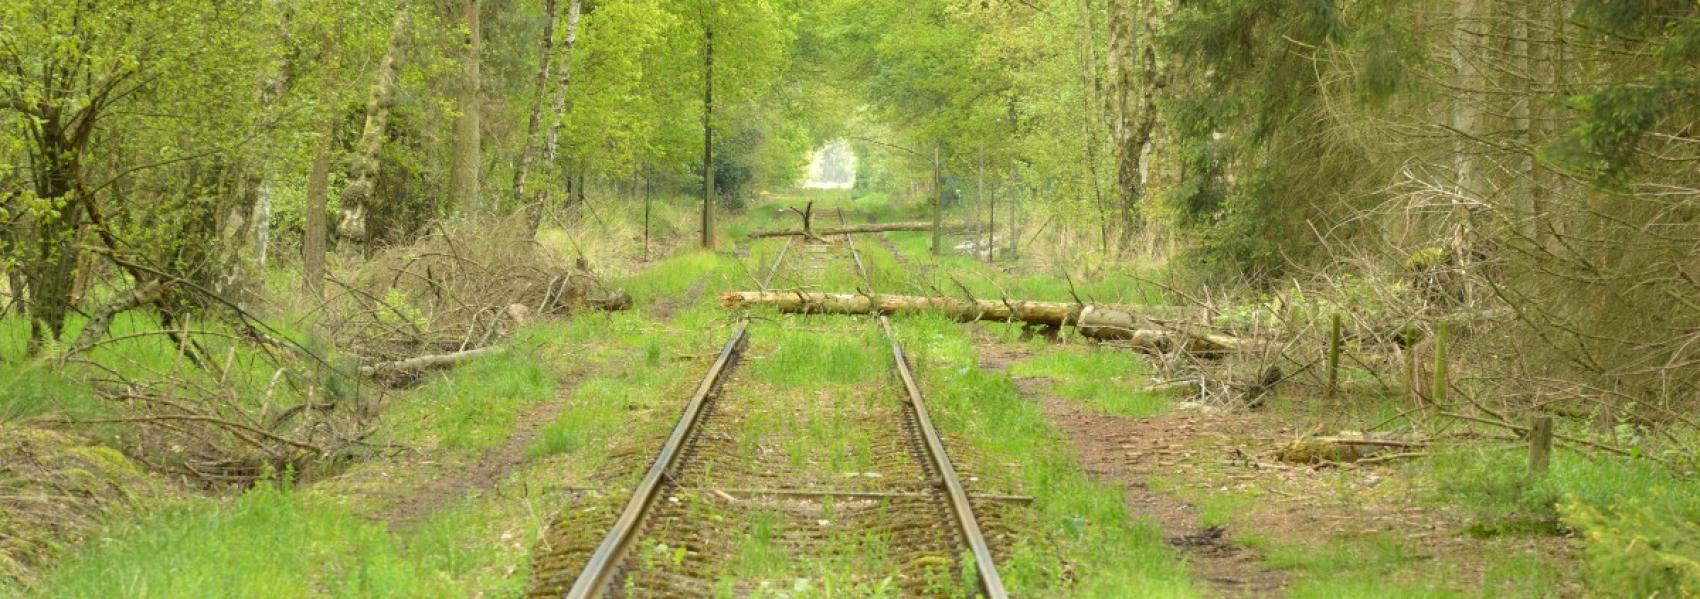 spoorweg in Uitlegger